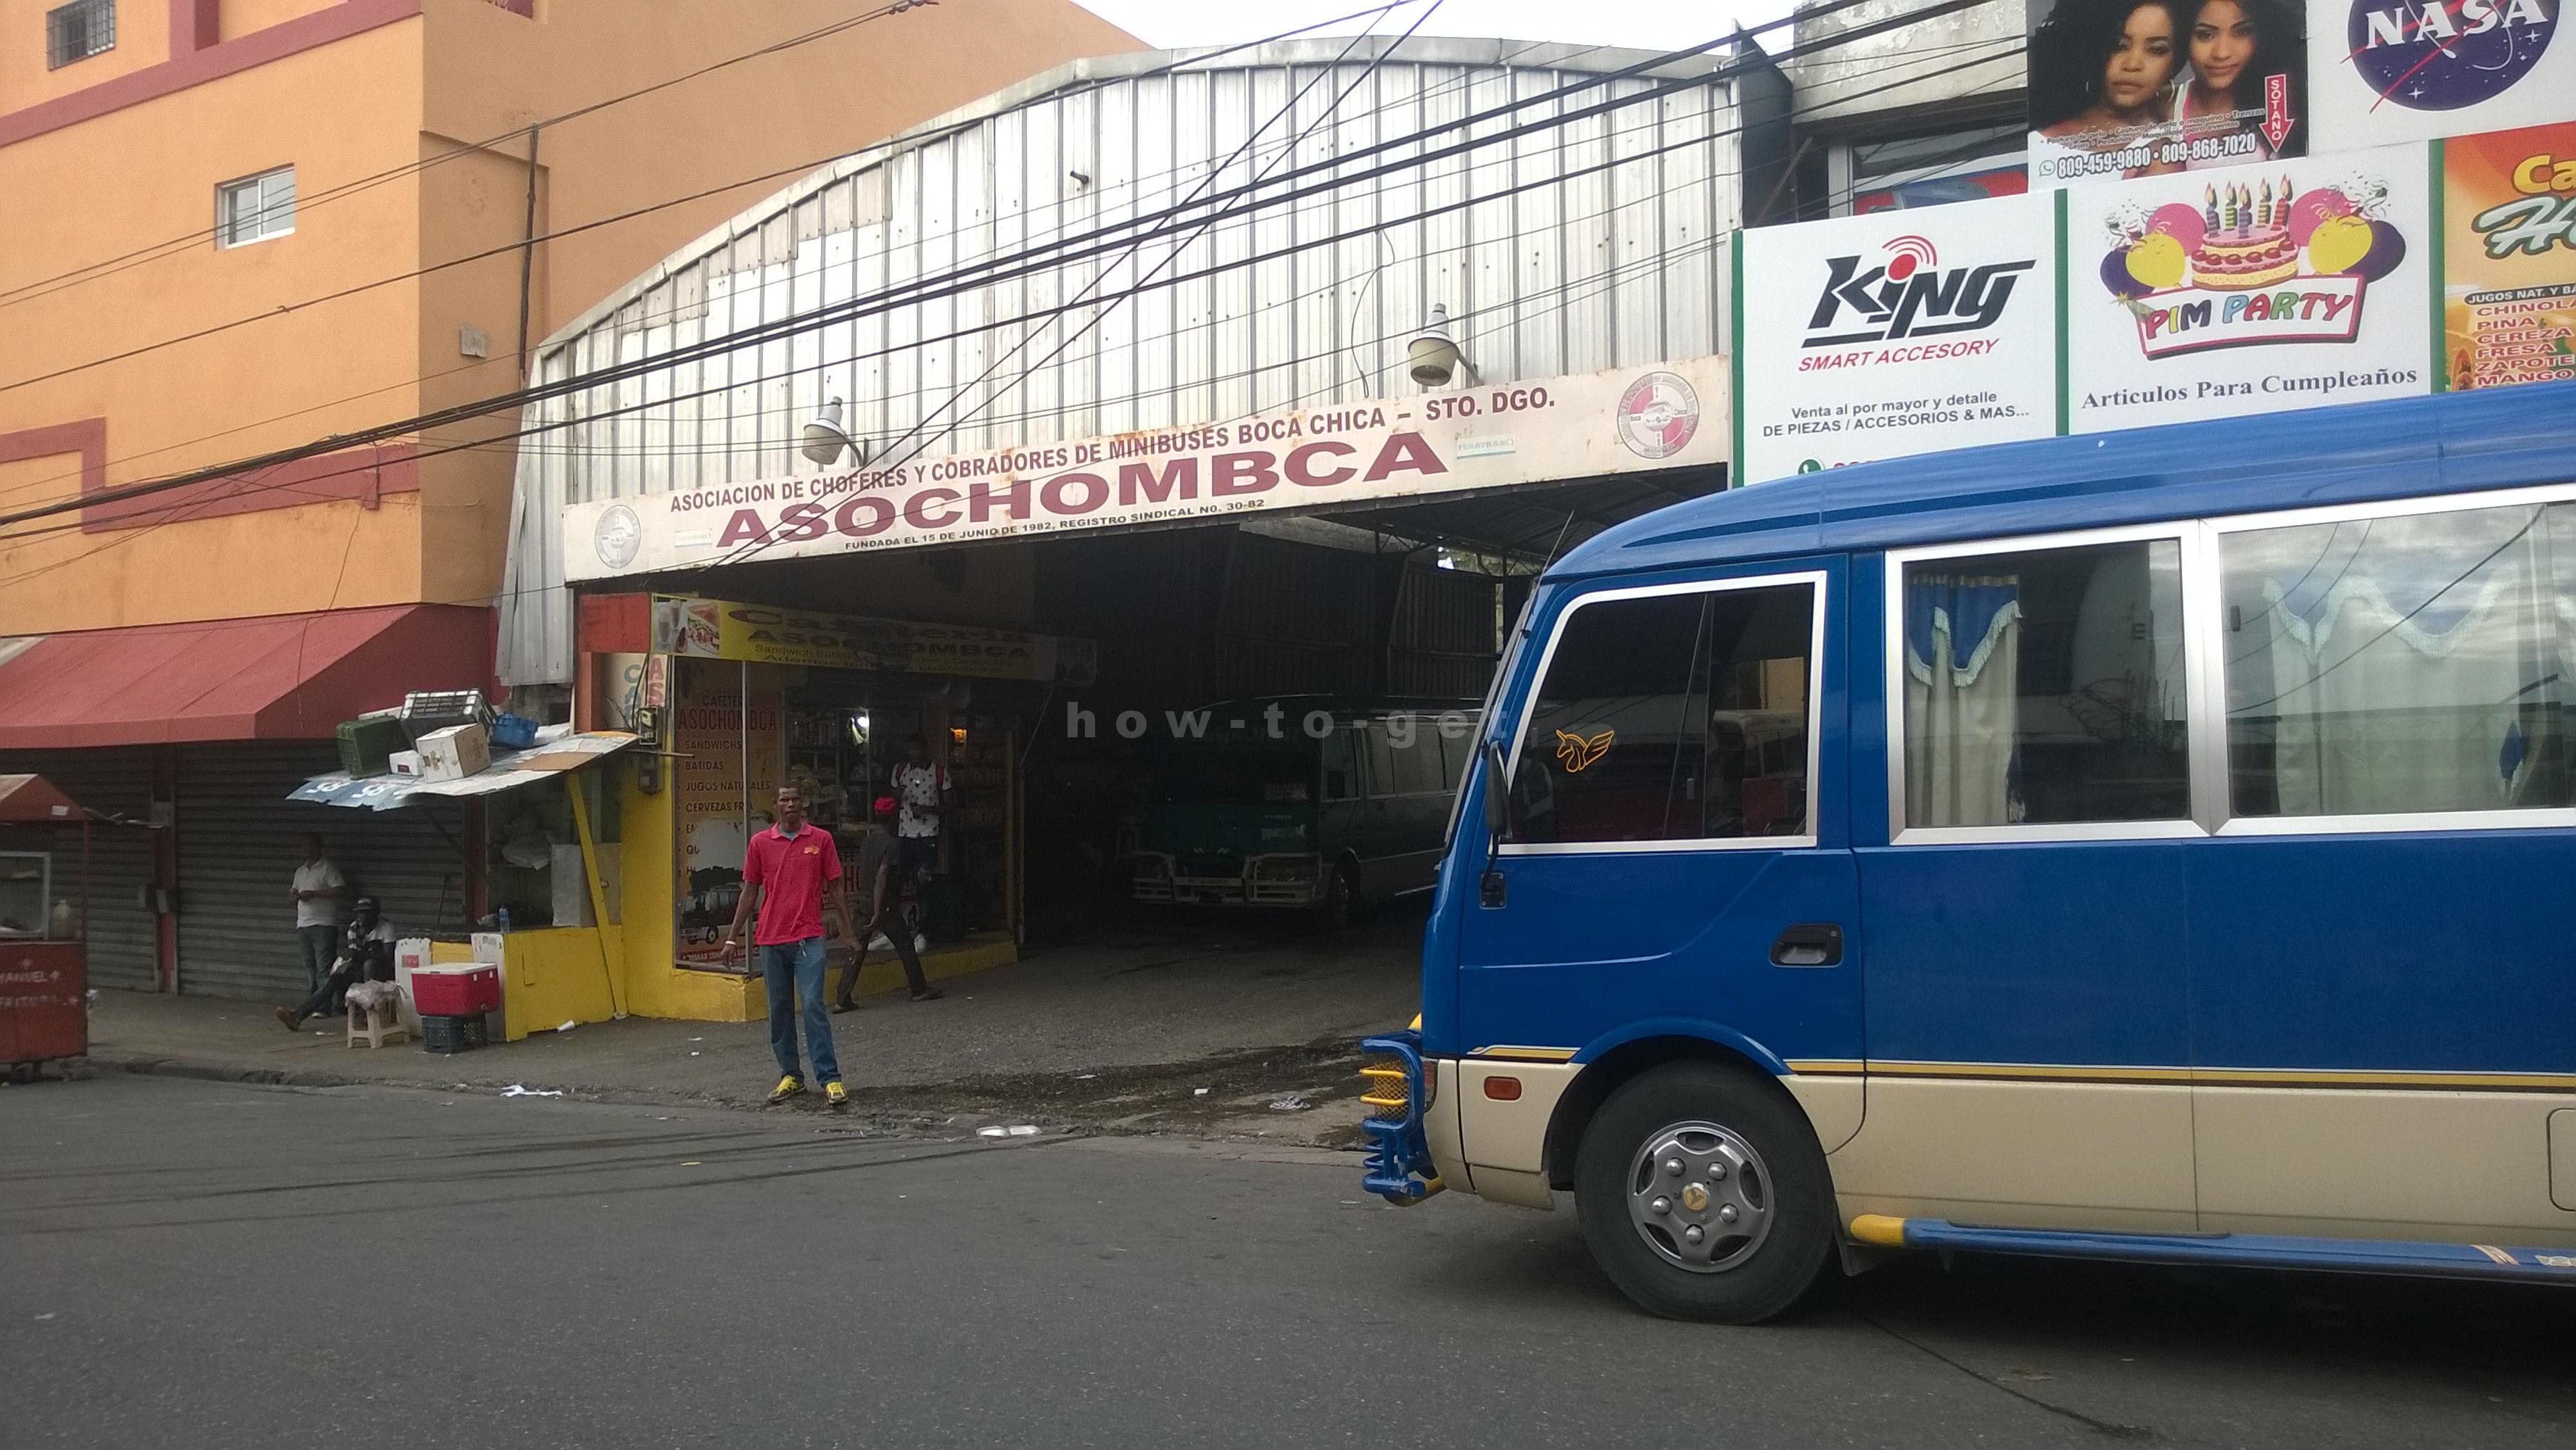 автостанция автобусов в Бока Чика